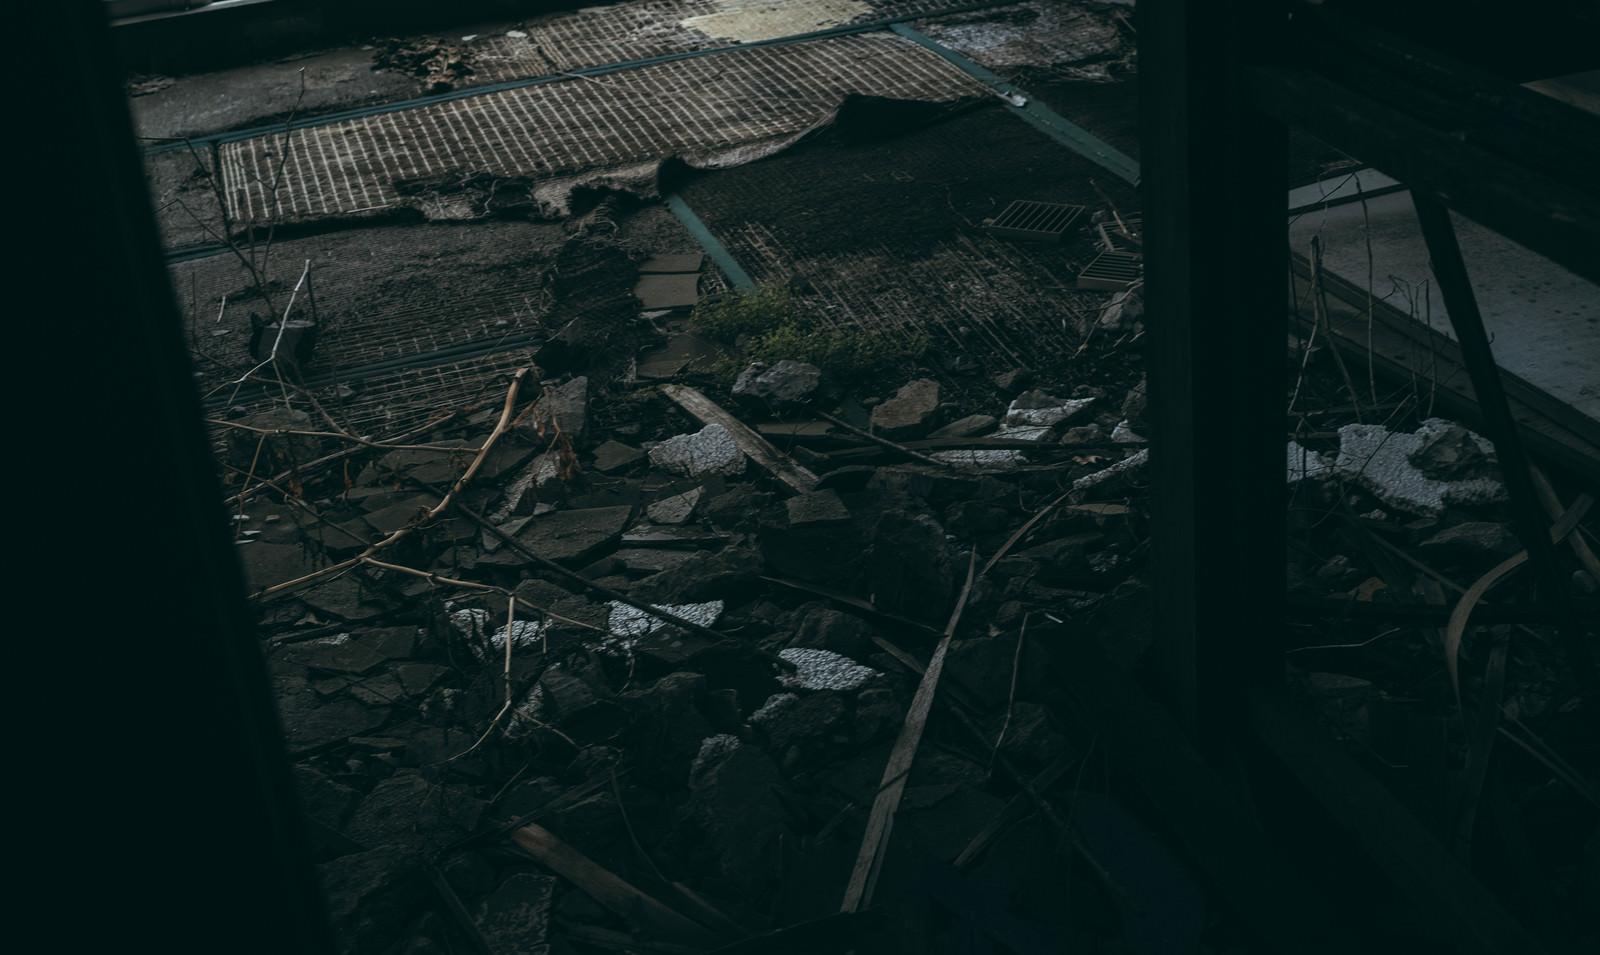 「かつて人が居た面影を感じる和室跡」の写真